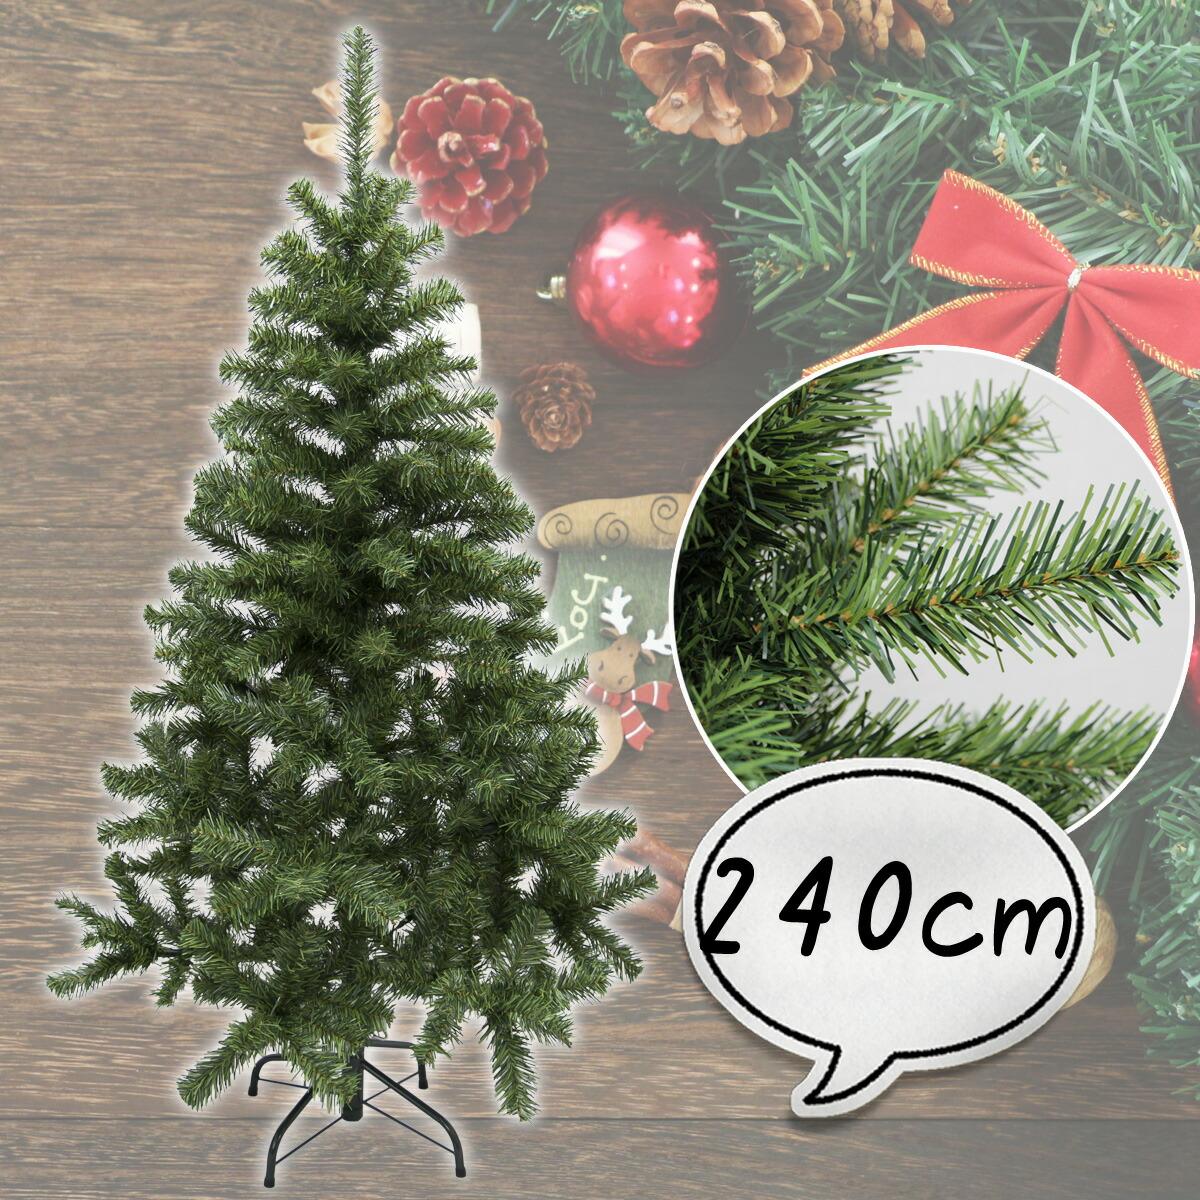 クリスマスツリー 240cm [ツリー 木 単品 ] フランクヒルズツリー 大型ツリー 北欧 おしゃれ